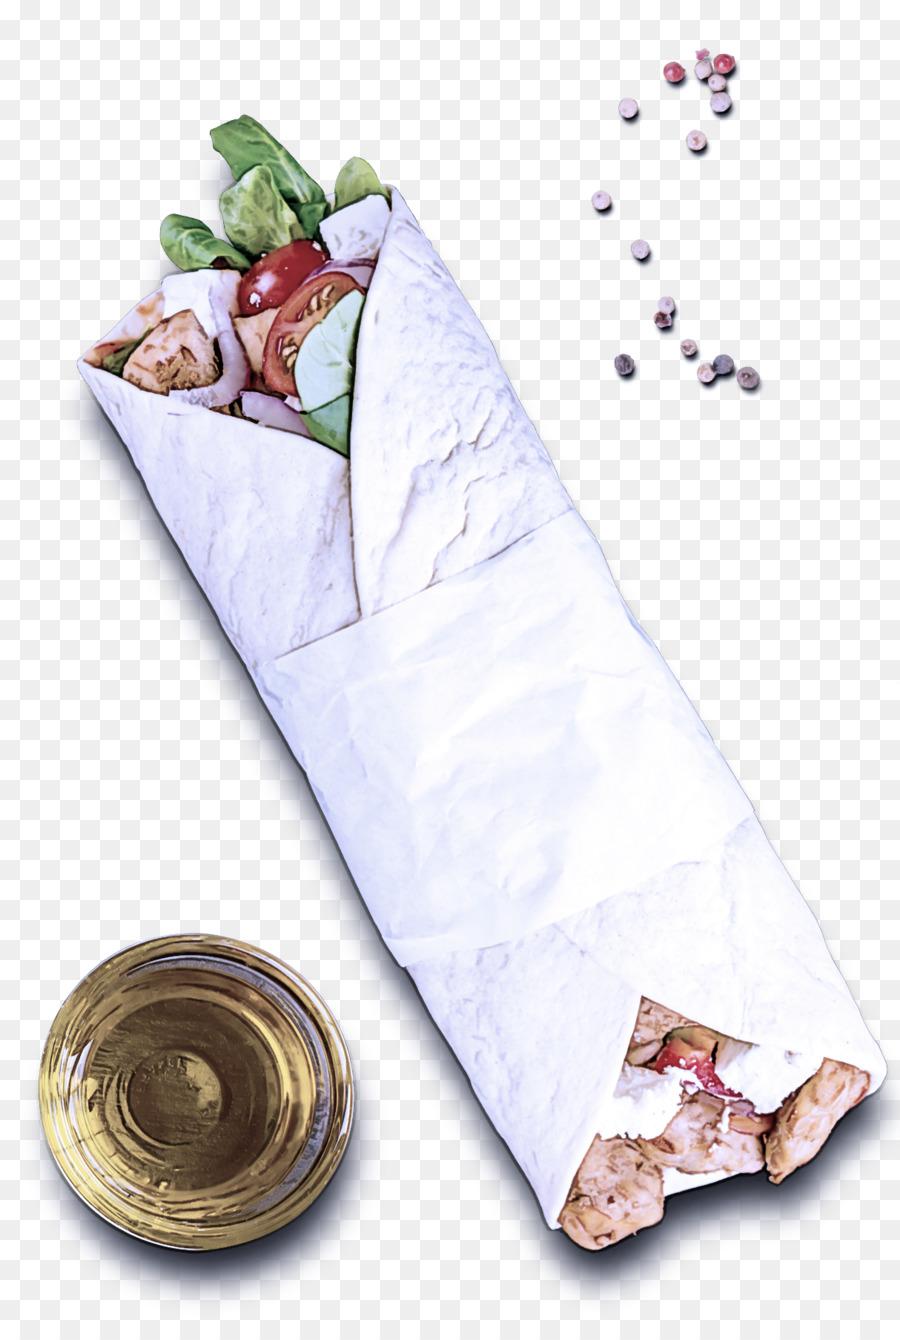 Descarga gratuita de La Comida, Cocina, Plato imágenes PNG